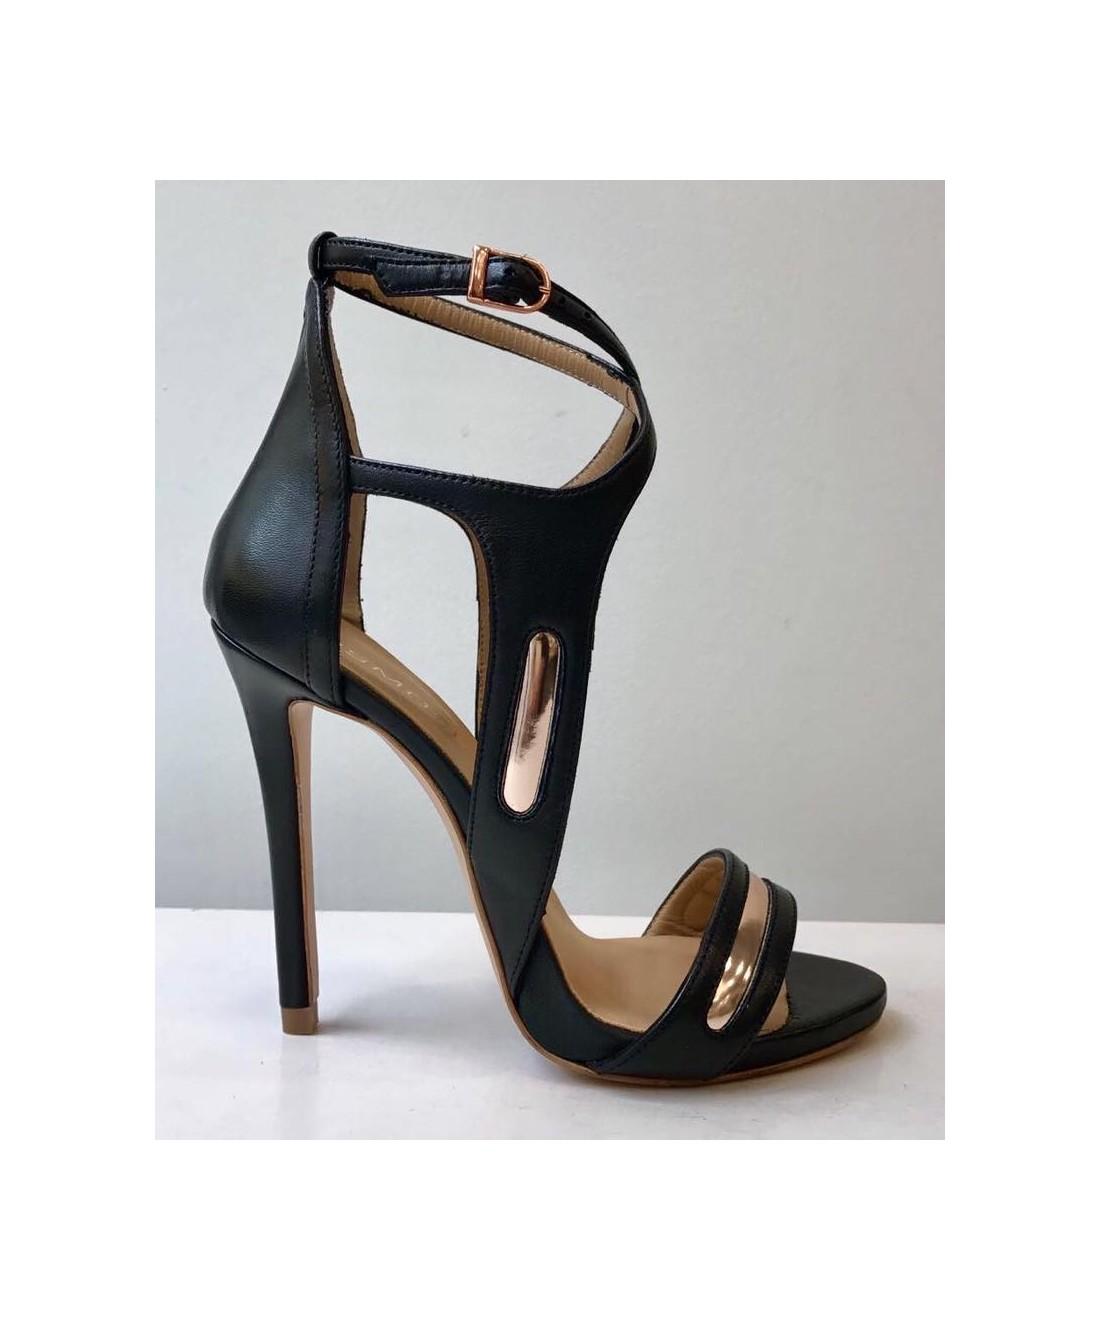 soyez ensorcelante en sandale cuir noir talon haut osmose couture. Black Bedroom Furniture Sets. Home Design Ideas